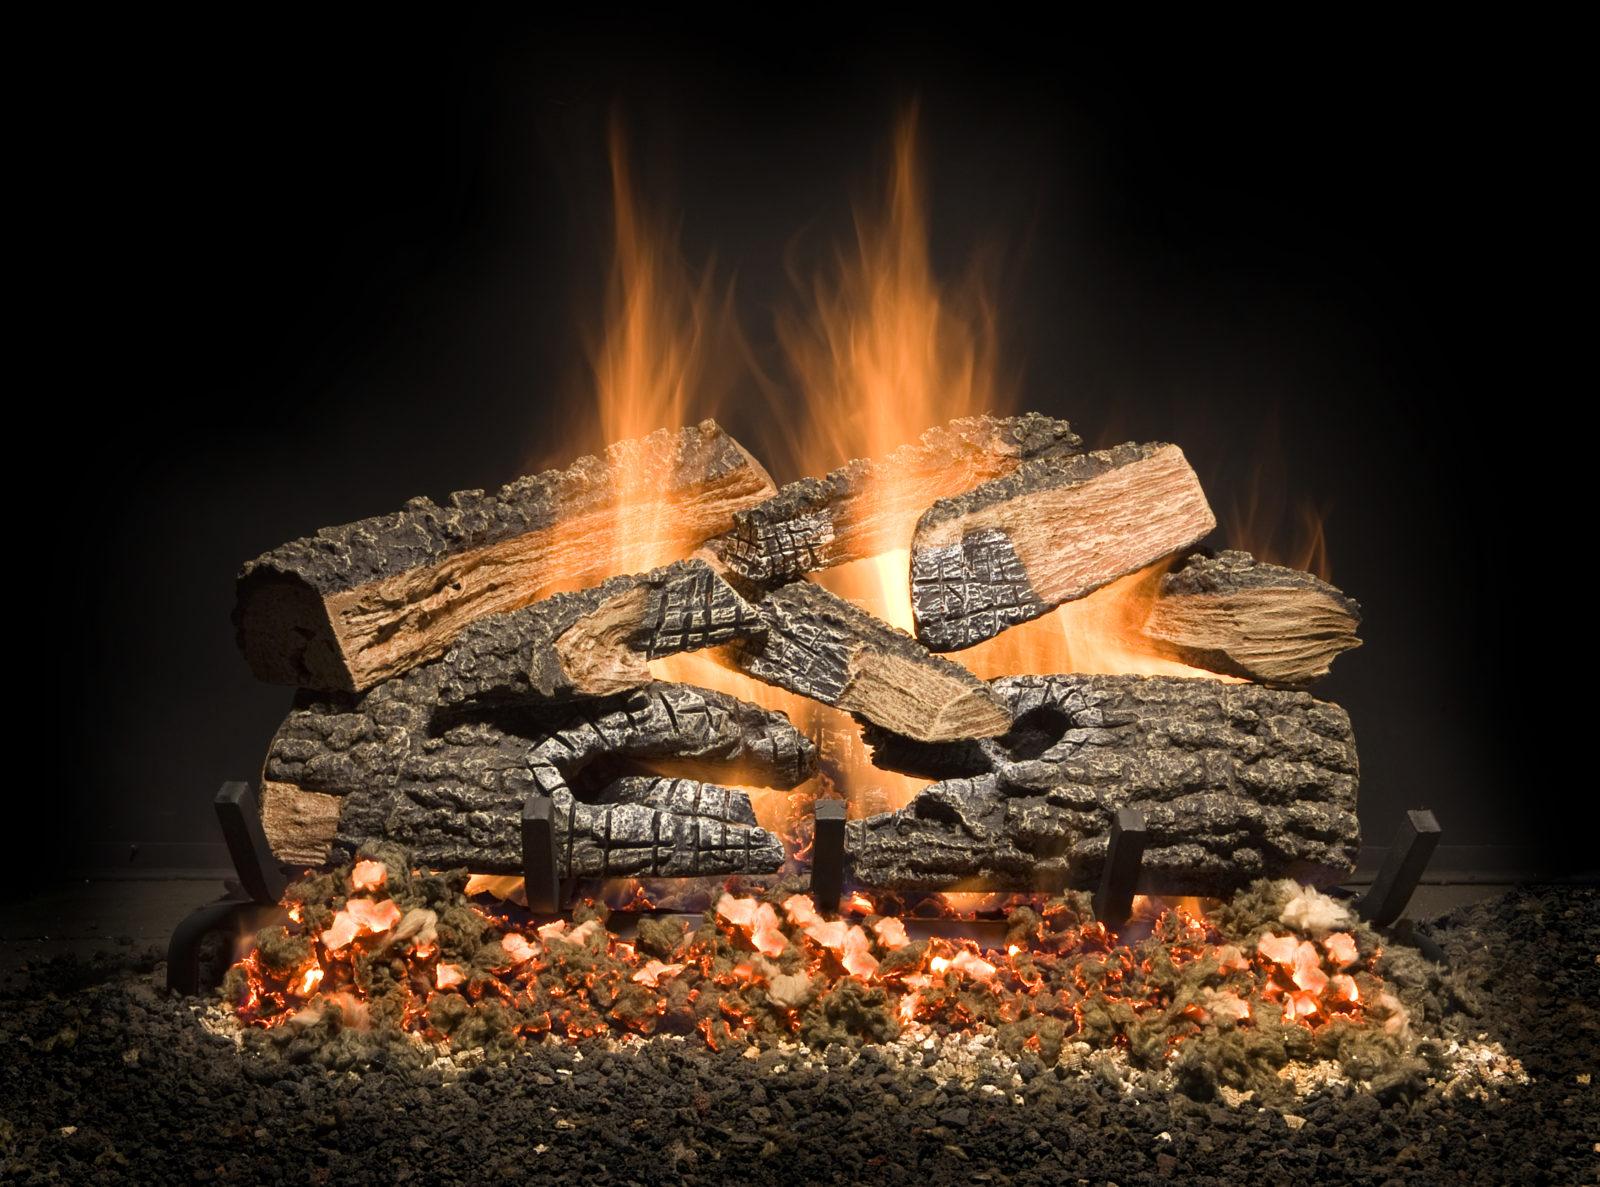 Split Bonfire Charred Golden Blount Incgolden Blount Inc